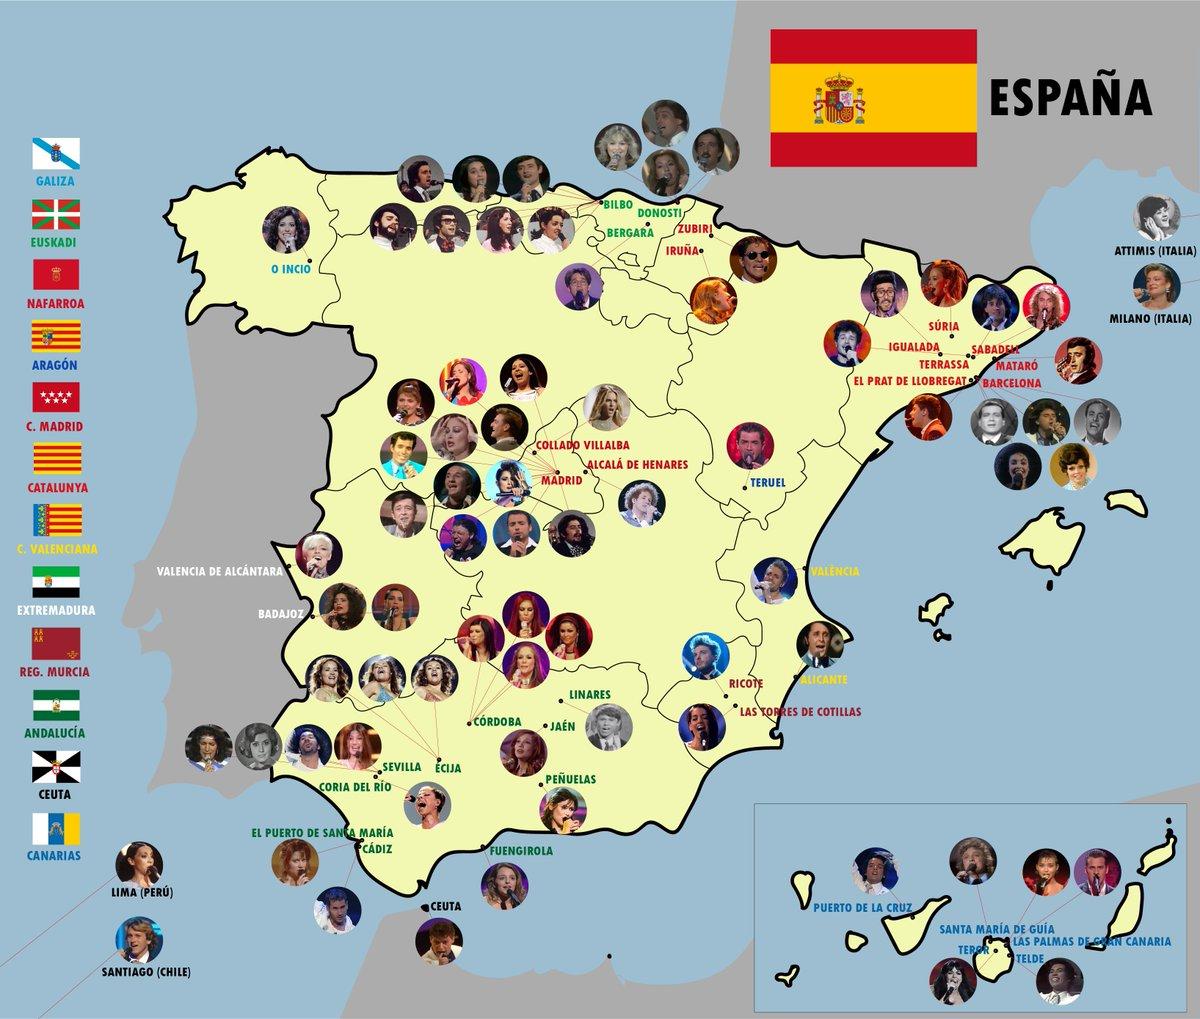 Os presento el mapa de nacimientos eurovisivos de 🇪🇸. Siento lo mastodóntico del resultado. Se pueden hacer varias lecturas. Una de ellas es que para representar a nuestro país en Eurovisión la meseta solo sirve para ir a Madrid a grabar la maqueta. Poca gente de pueblo también. https://t.co/gbq7RP581j